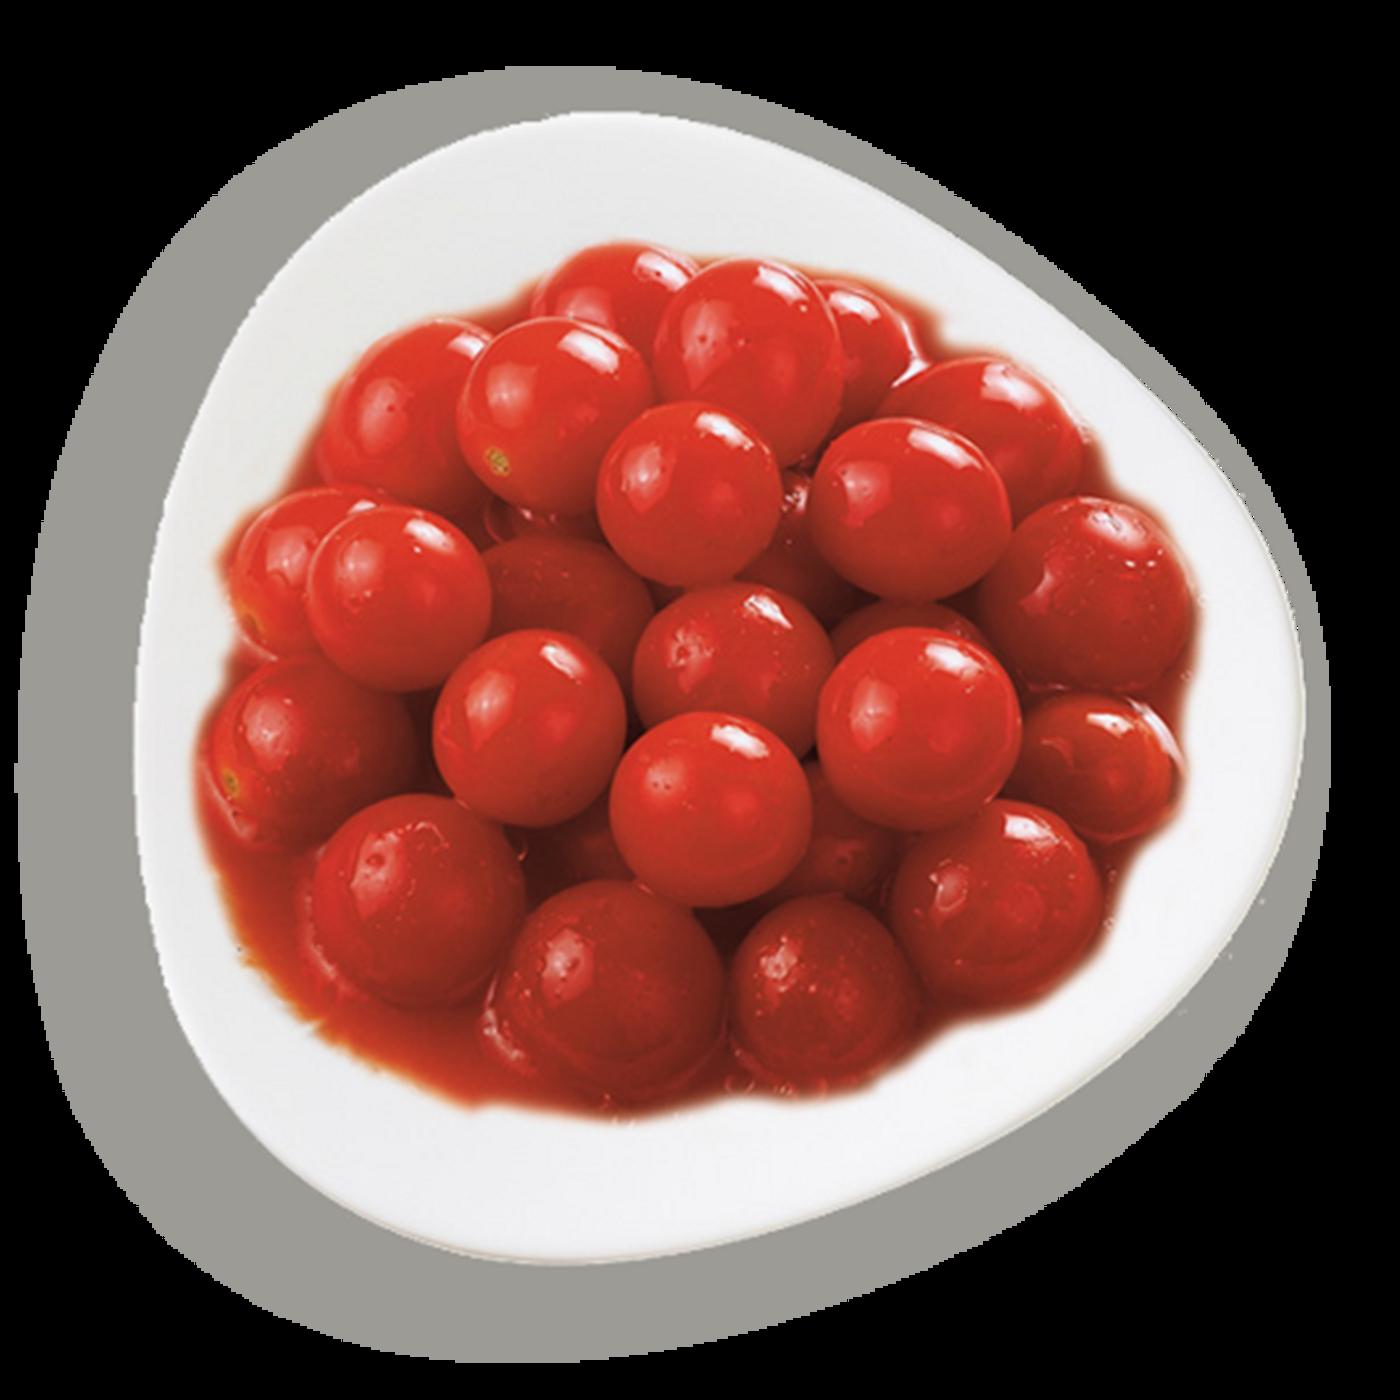 Tomates cherry (pomodorini di colina)